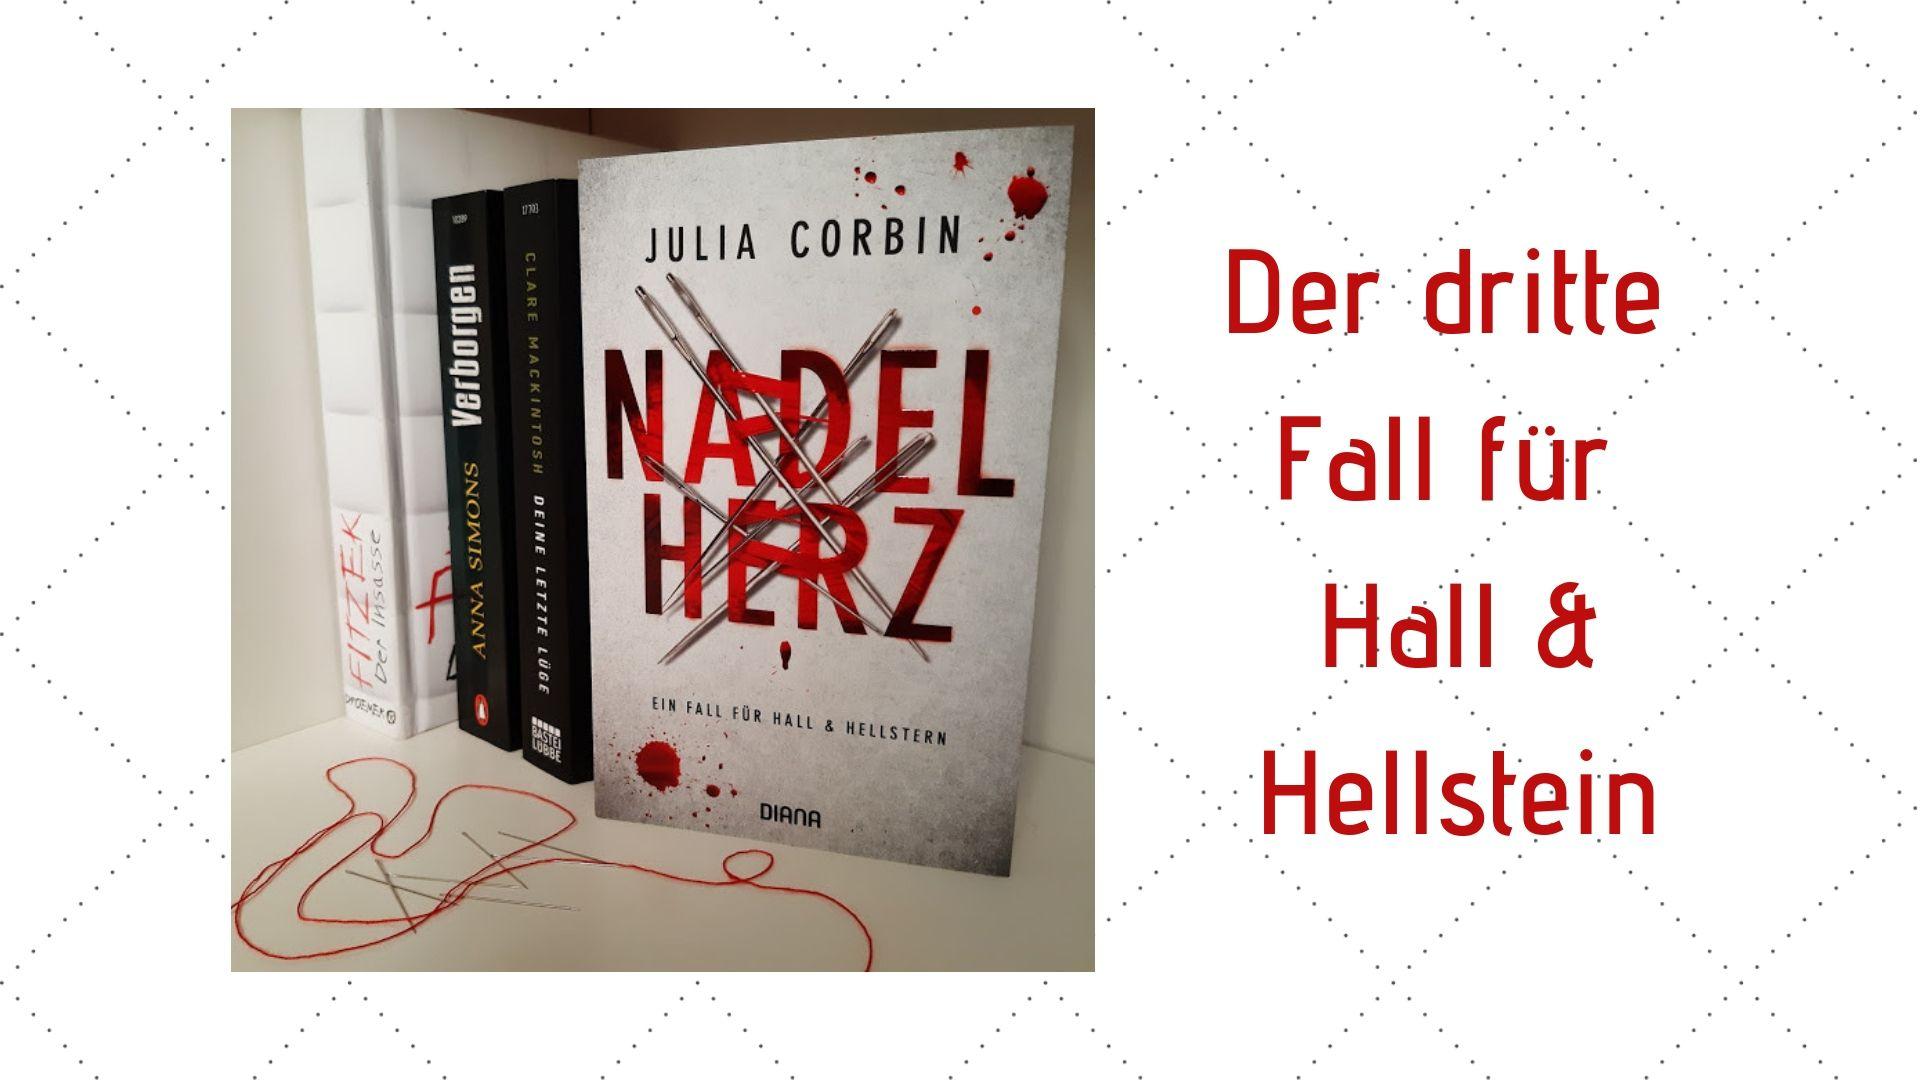 Julia Corbin - Nadelherz